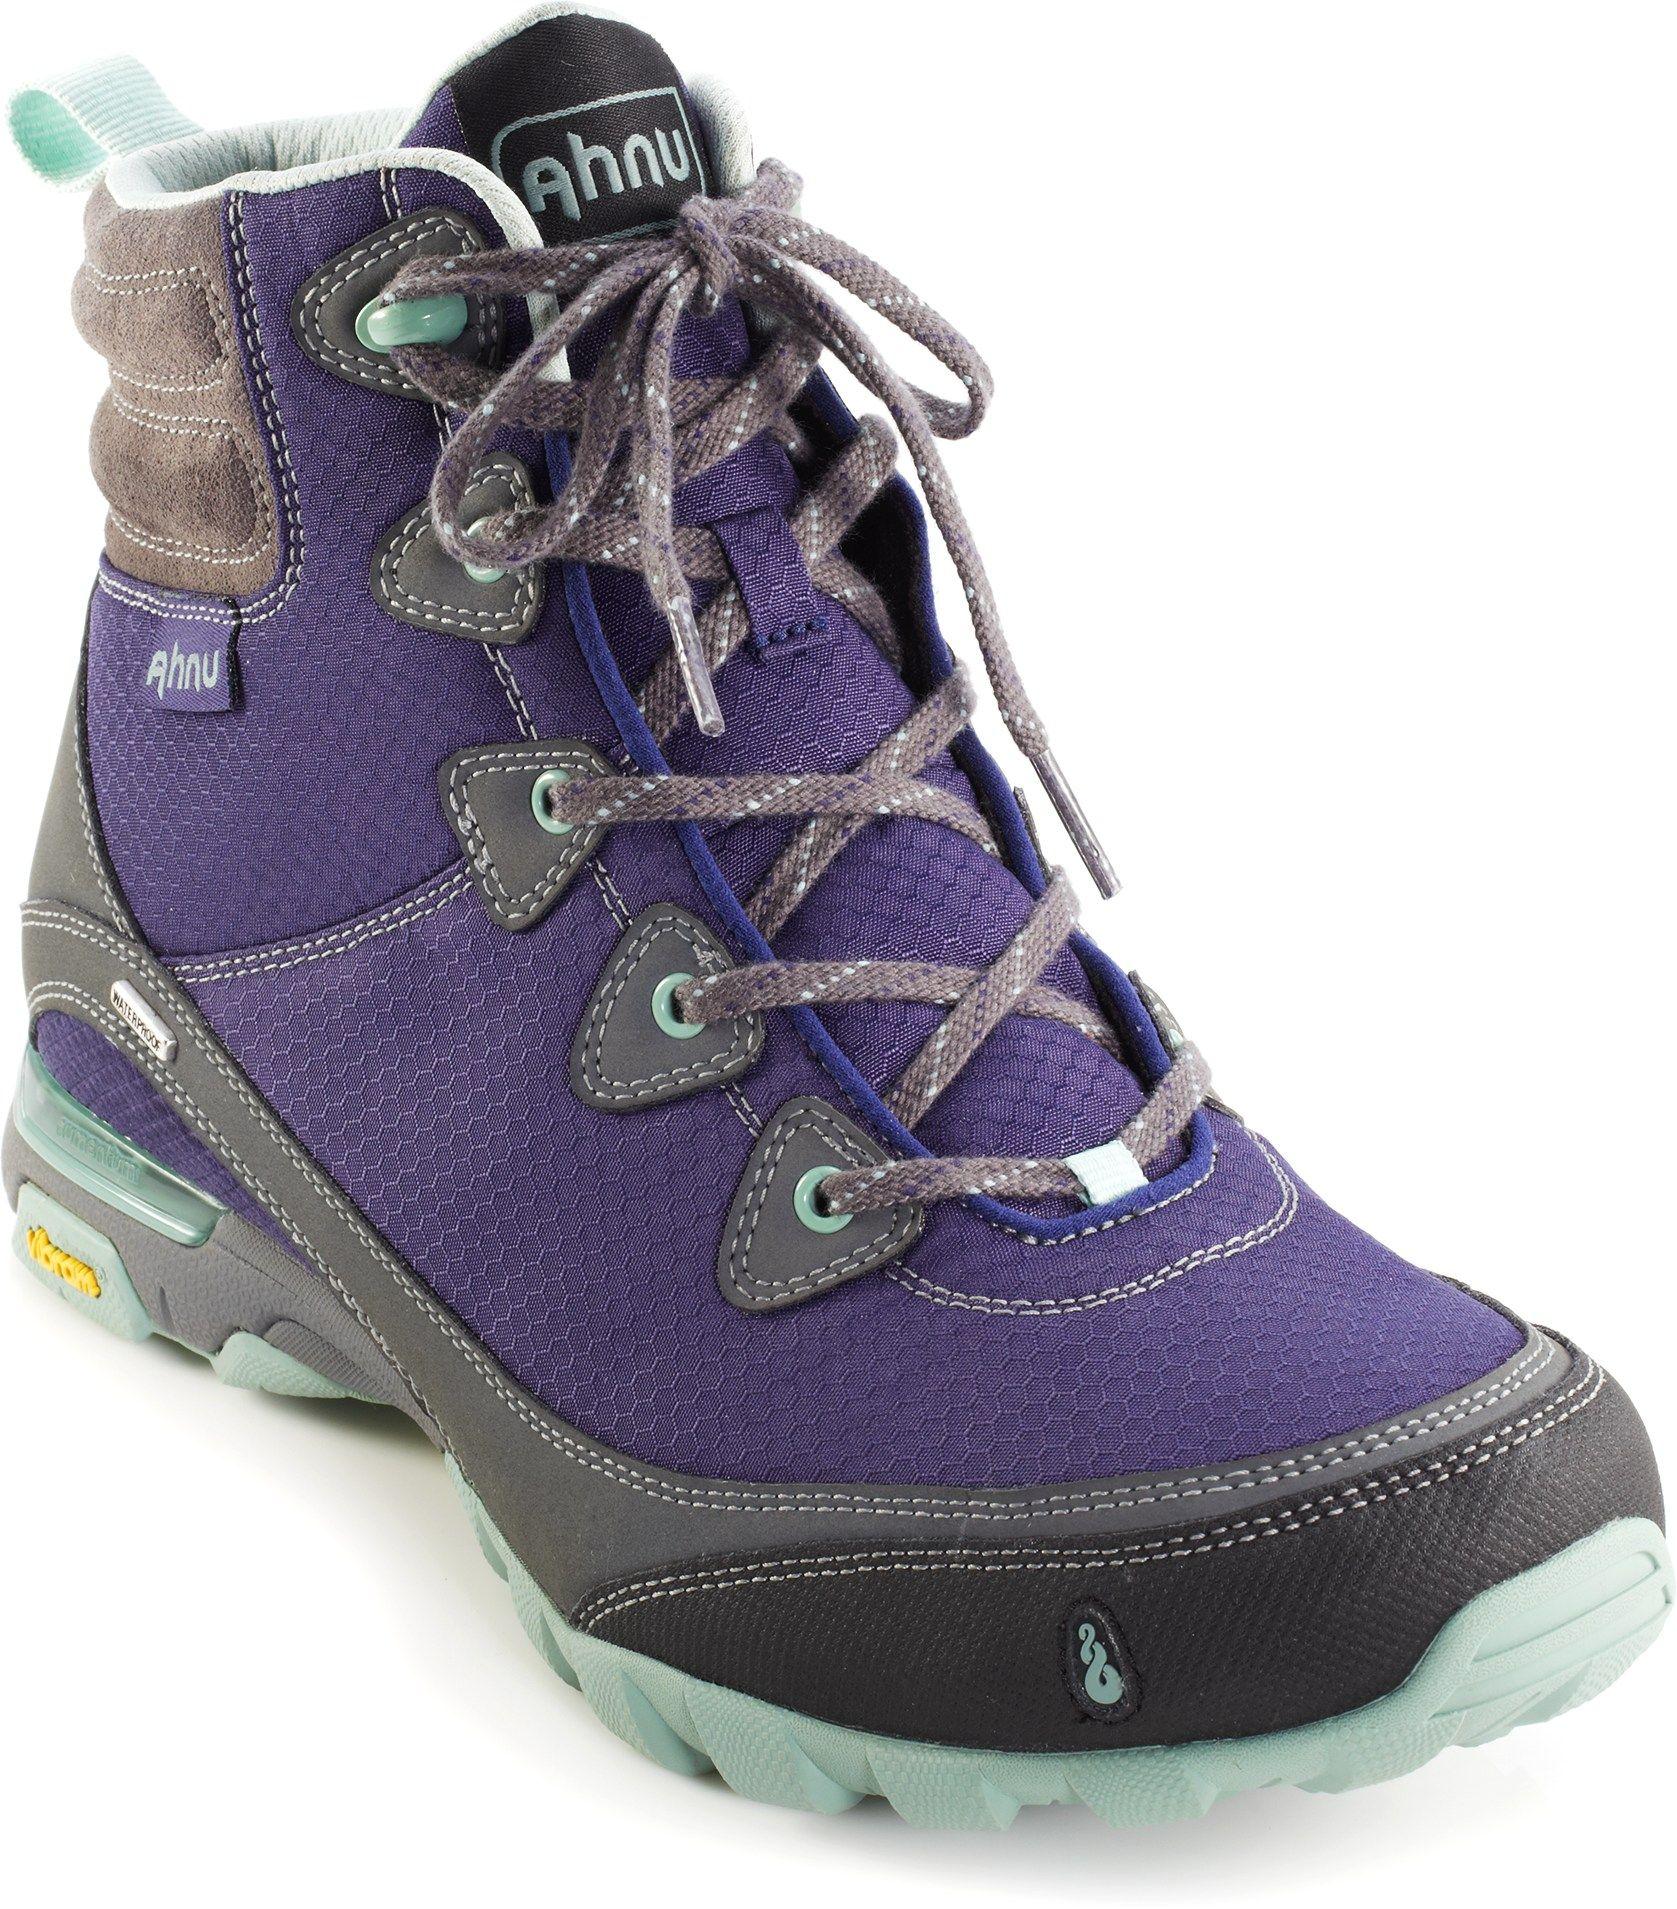 Ahnu Sugarpine Waterproof Hiking Boots – Womens | REI Co-op